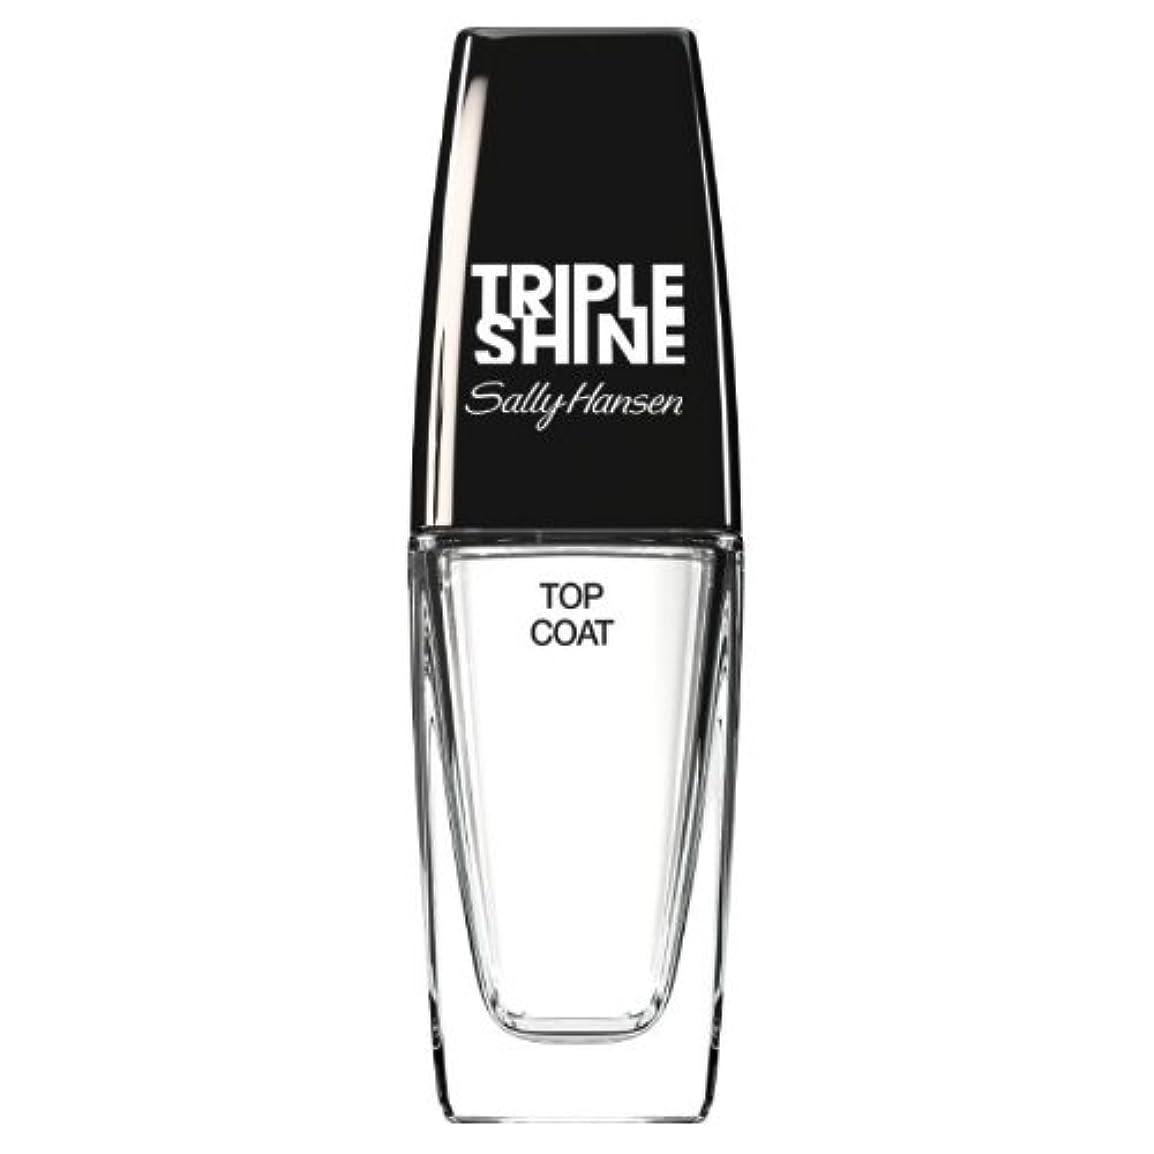 甘味優れた争う(6 Pack) SALLY HANSEN Triple Shine Top Coat - Triple Shine Top Coat (並行輸入品)